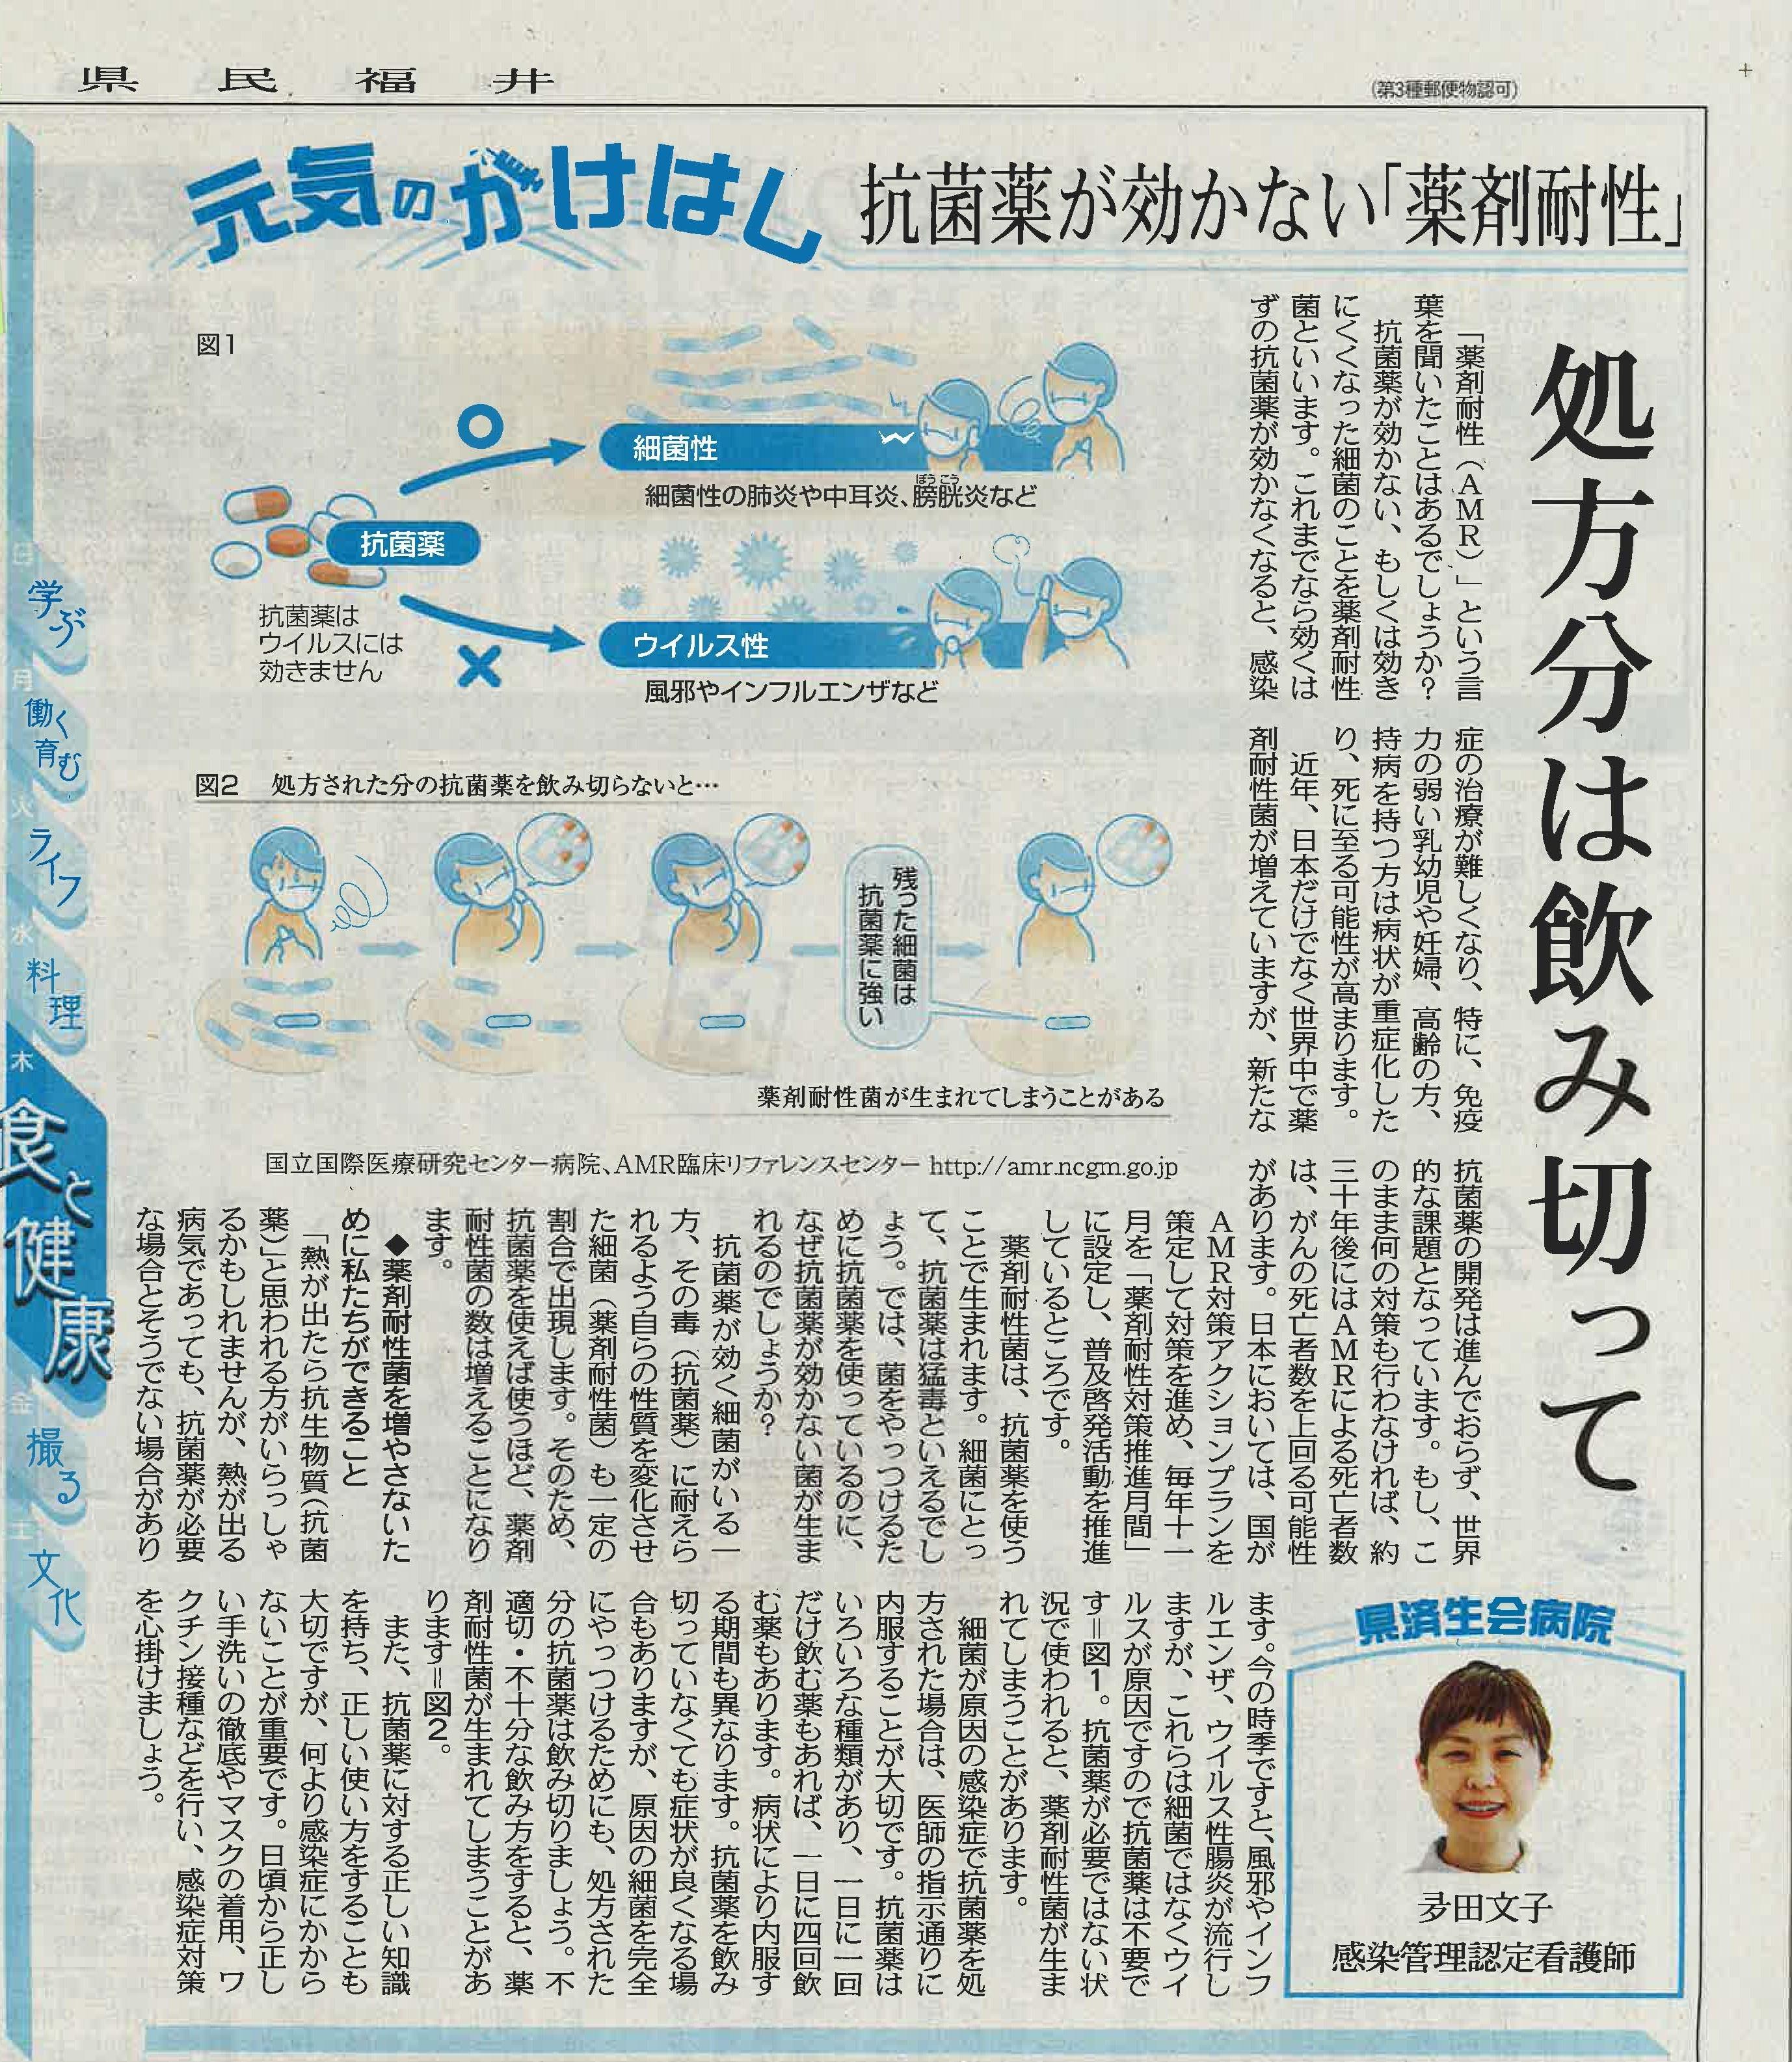 2019年12月12日 日刊県民福井